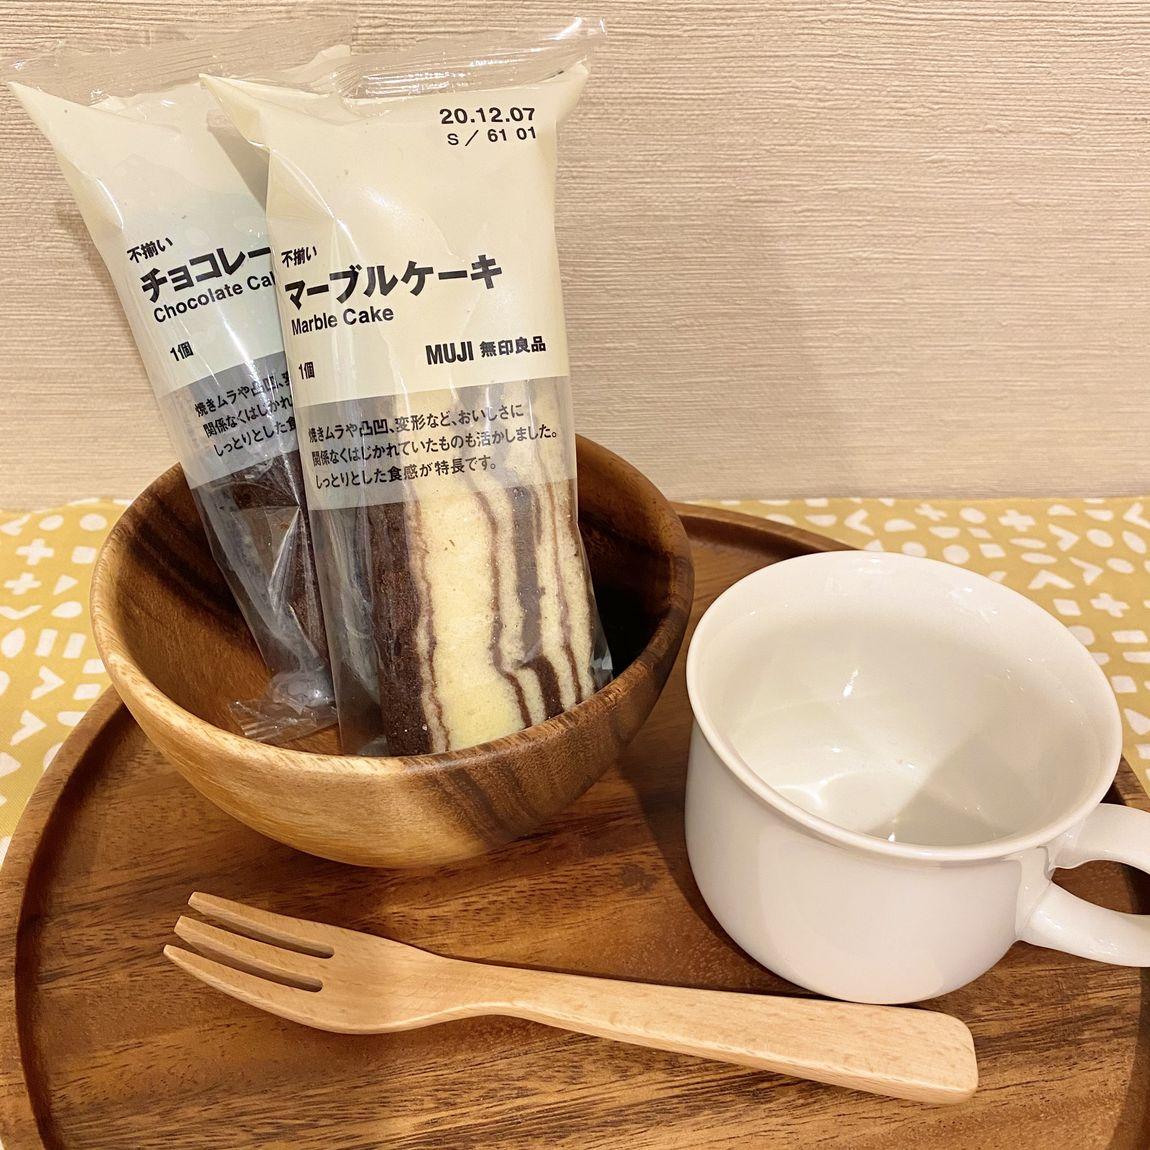 【ザ・モール郡山】チョコ ケーキ